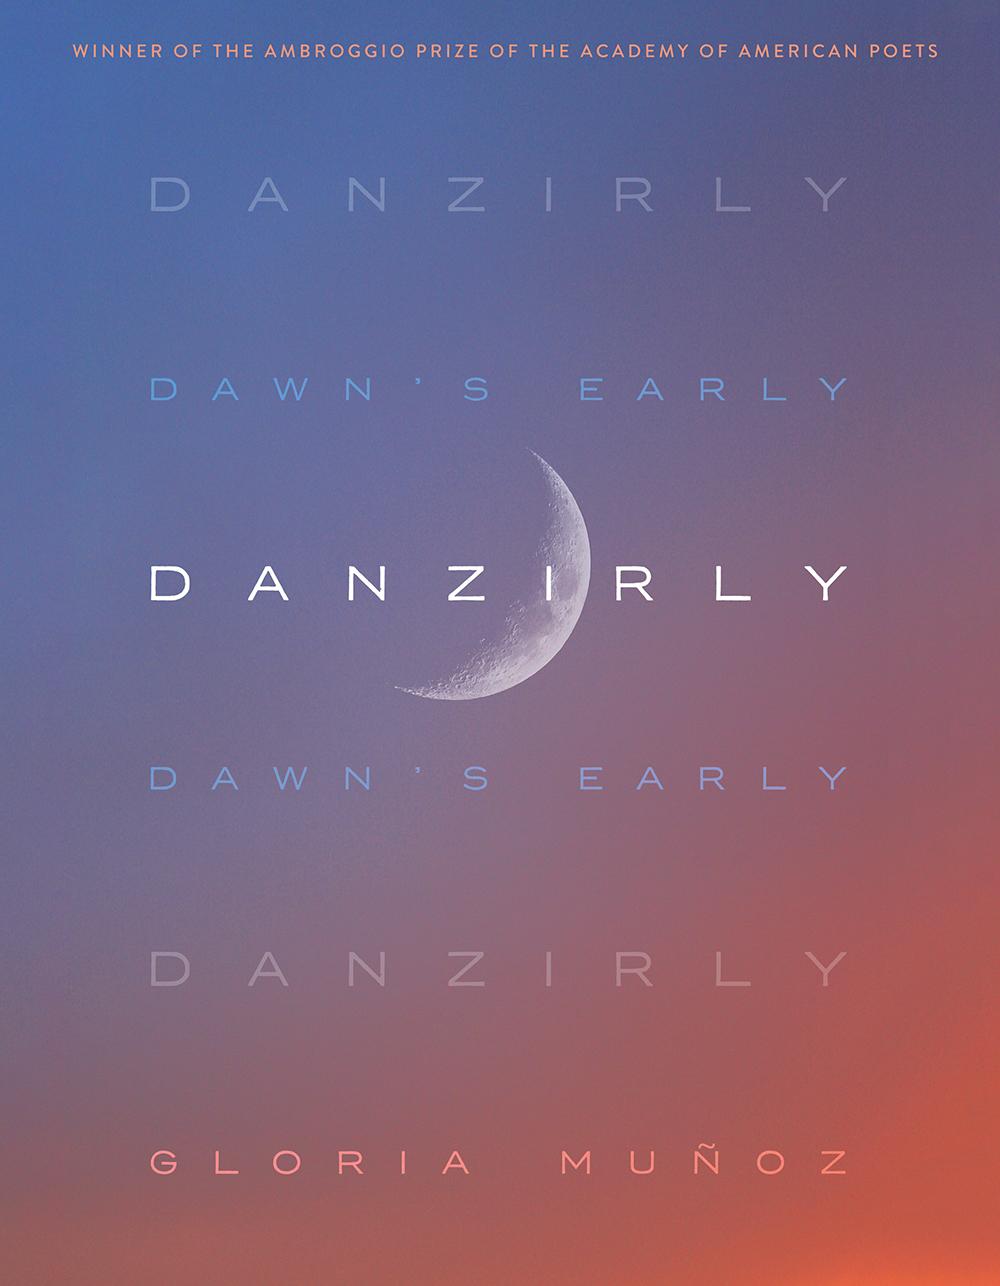 Danzirly